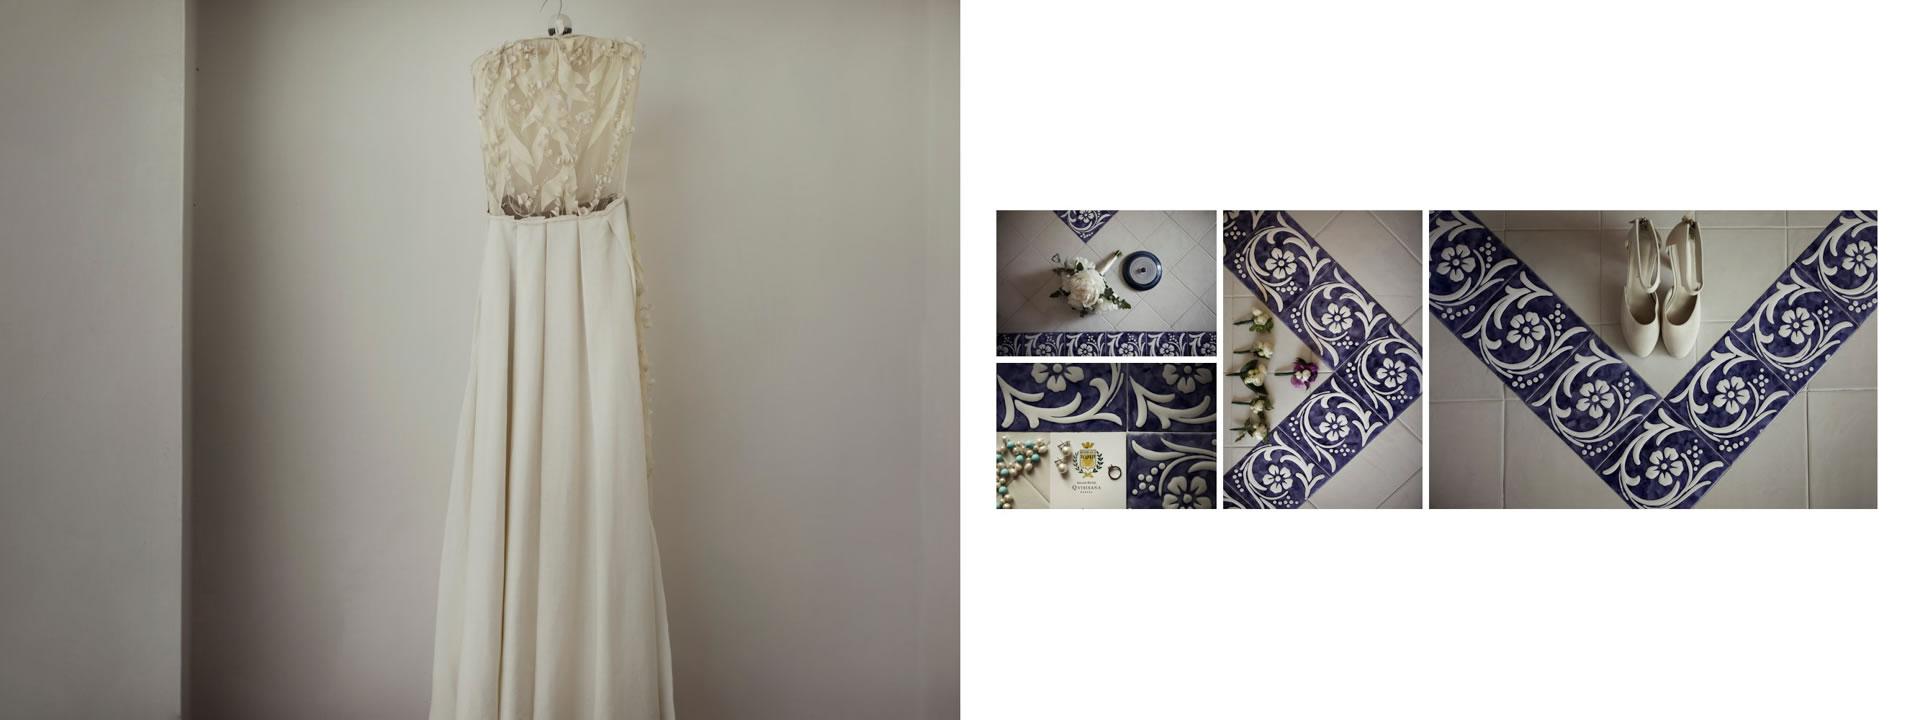 - 24 :: Jewish luxury wedding weekend in Capri :: Luxury wedding photography - 23 ::  - 24